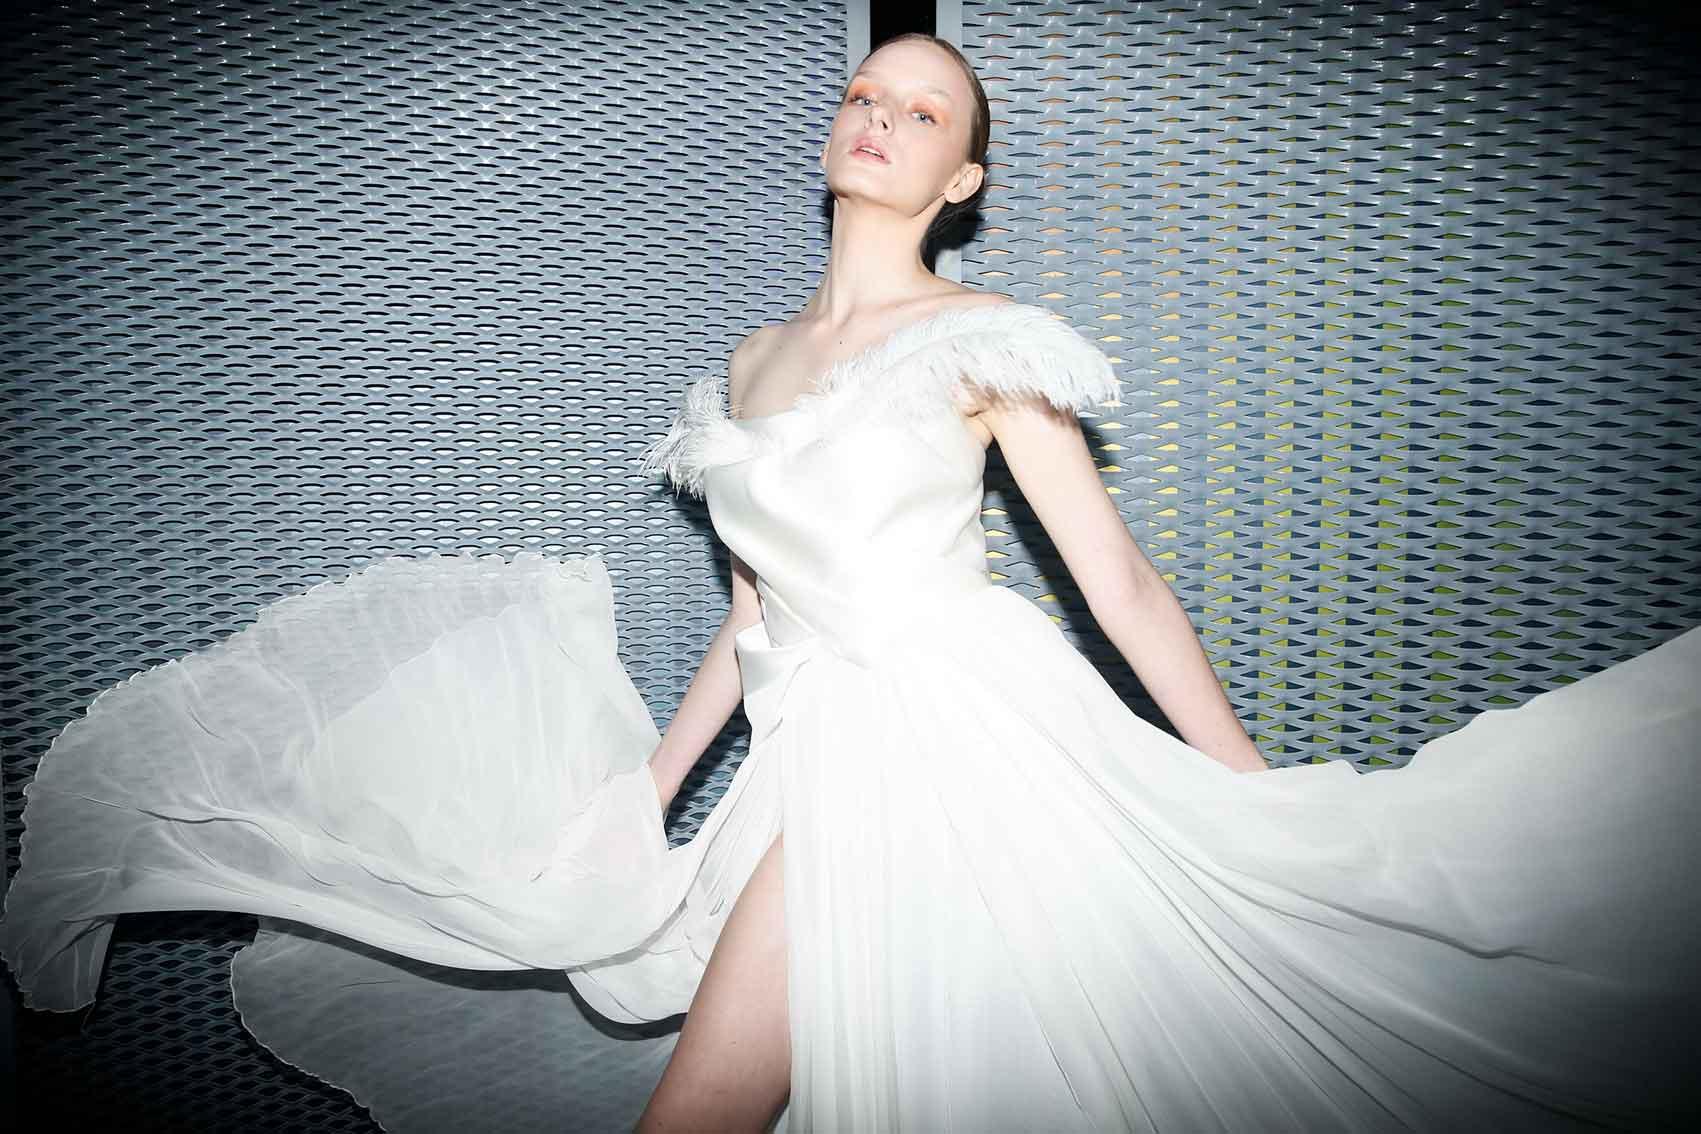 אלון ליבנה. קולקציית שמלות כלה 2020-אופנה נשים - 7 , Trends, סטייל, כתבות אופנה, טרנדים, אופנת נשים, Style,, אופנה ישראלית